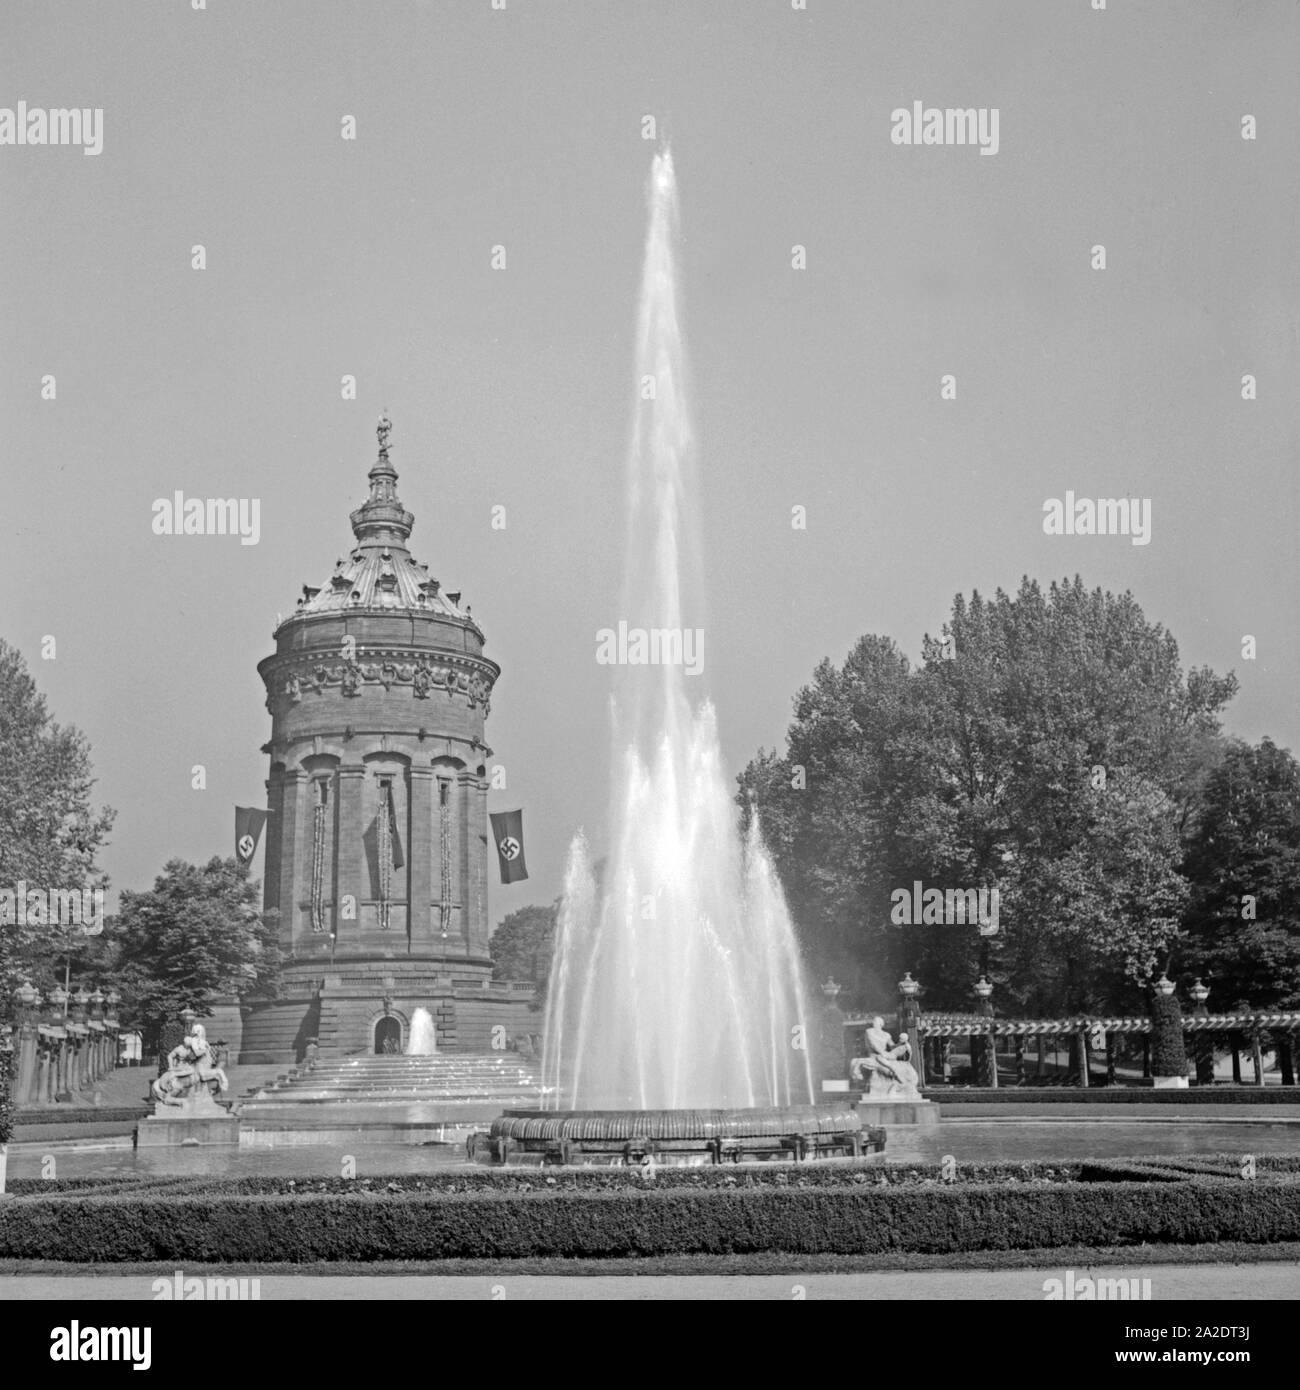 Der Wasserturm mit Springbrunnen in Mannheim, Deutschland 1930er Jahre. The Mannheim water tower with fountain, Germany 1930s. Stock Photo